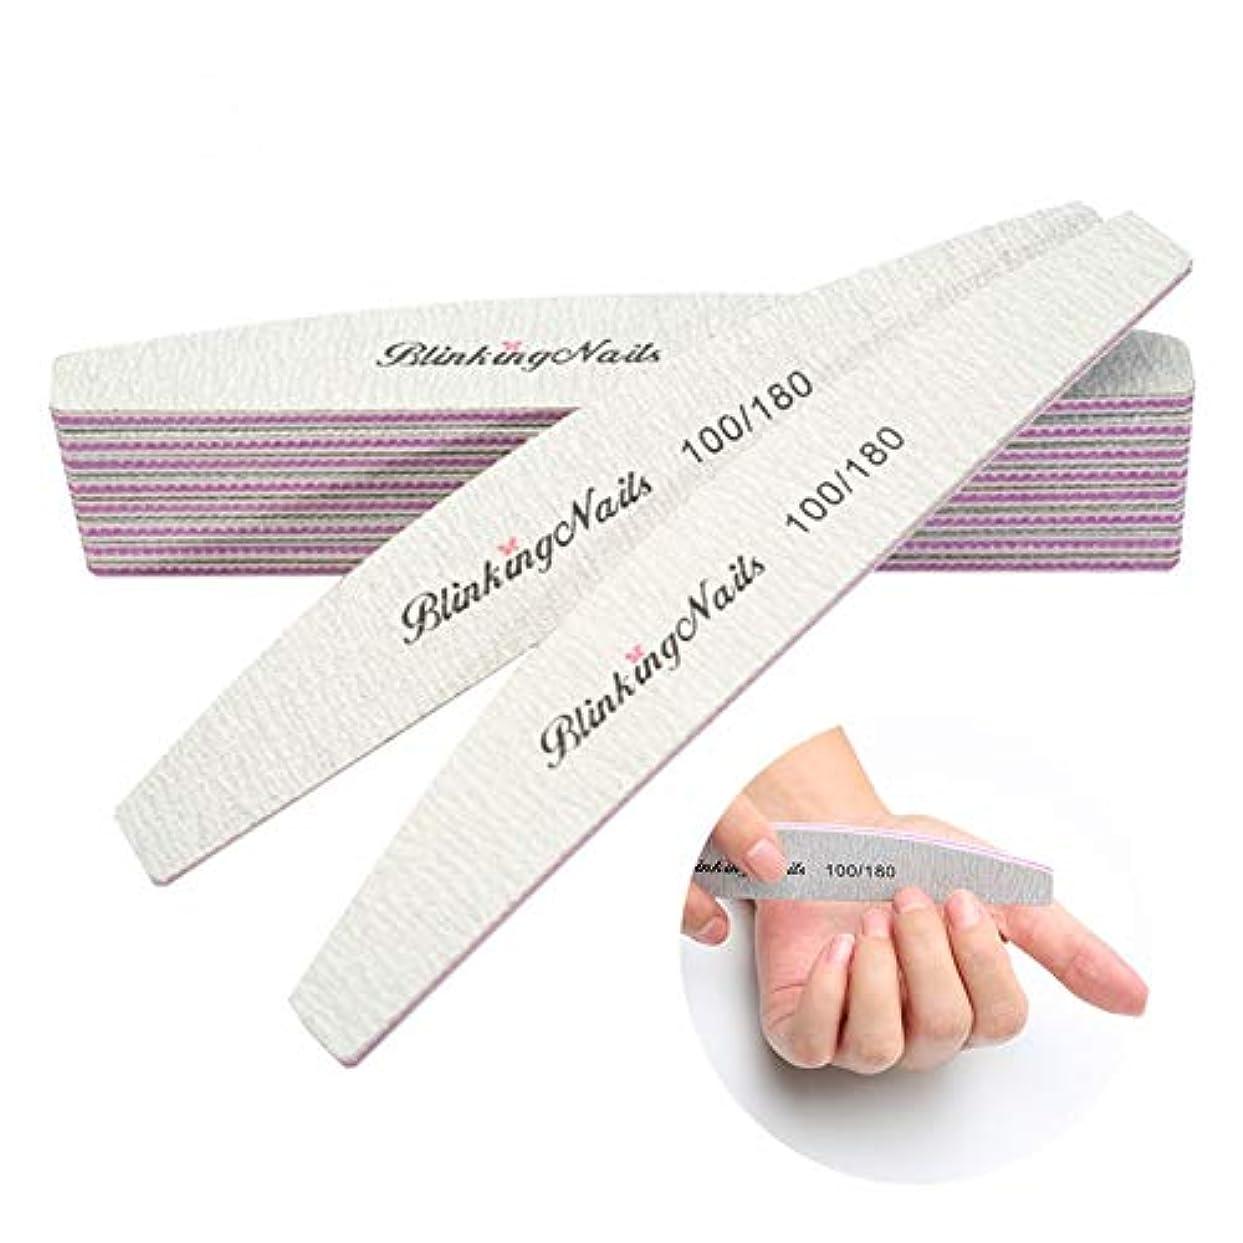 赤字揺れるキャベツ研磨ツール100/180砂 爪やすり ネイルシャイナー ネイルケア 携帯に便利です 水洗いできます 洗濯可プロネイルやすり 10本入